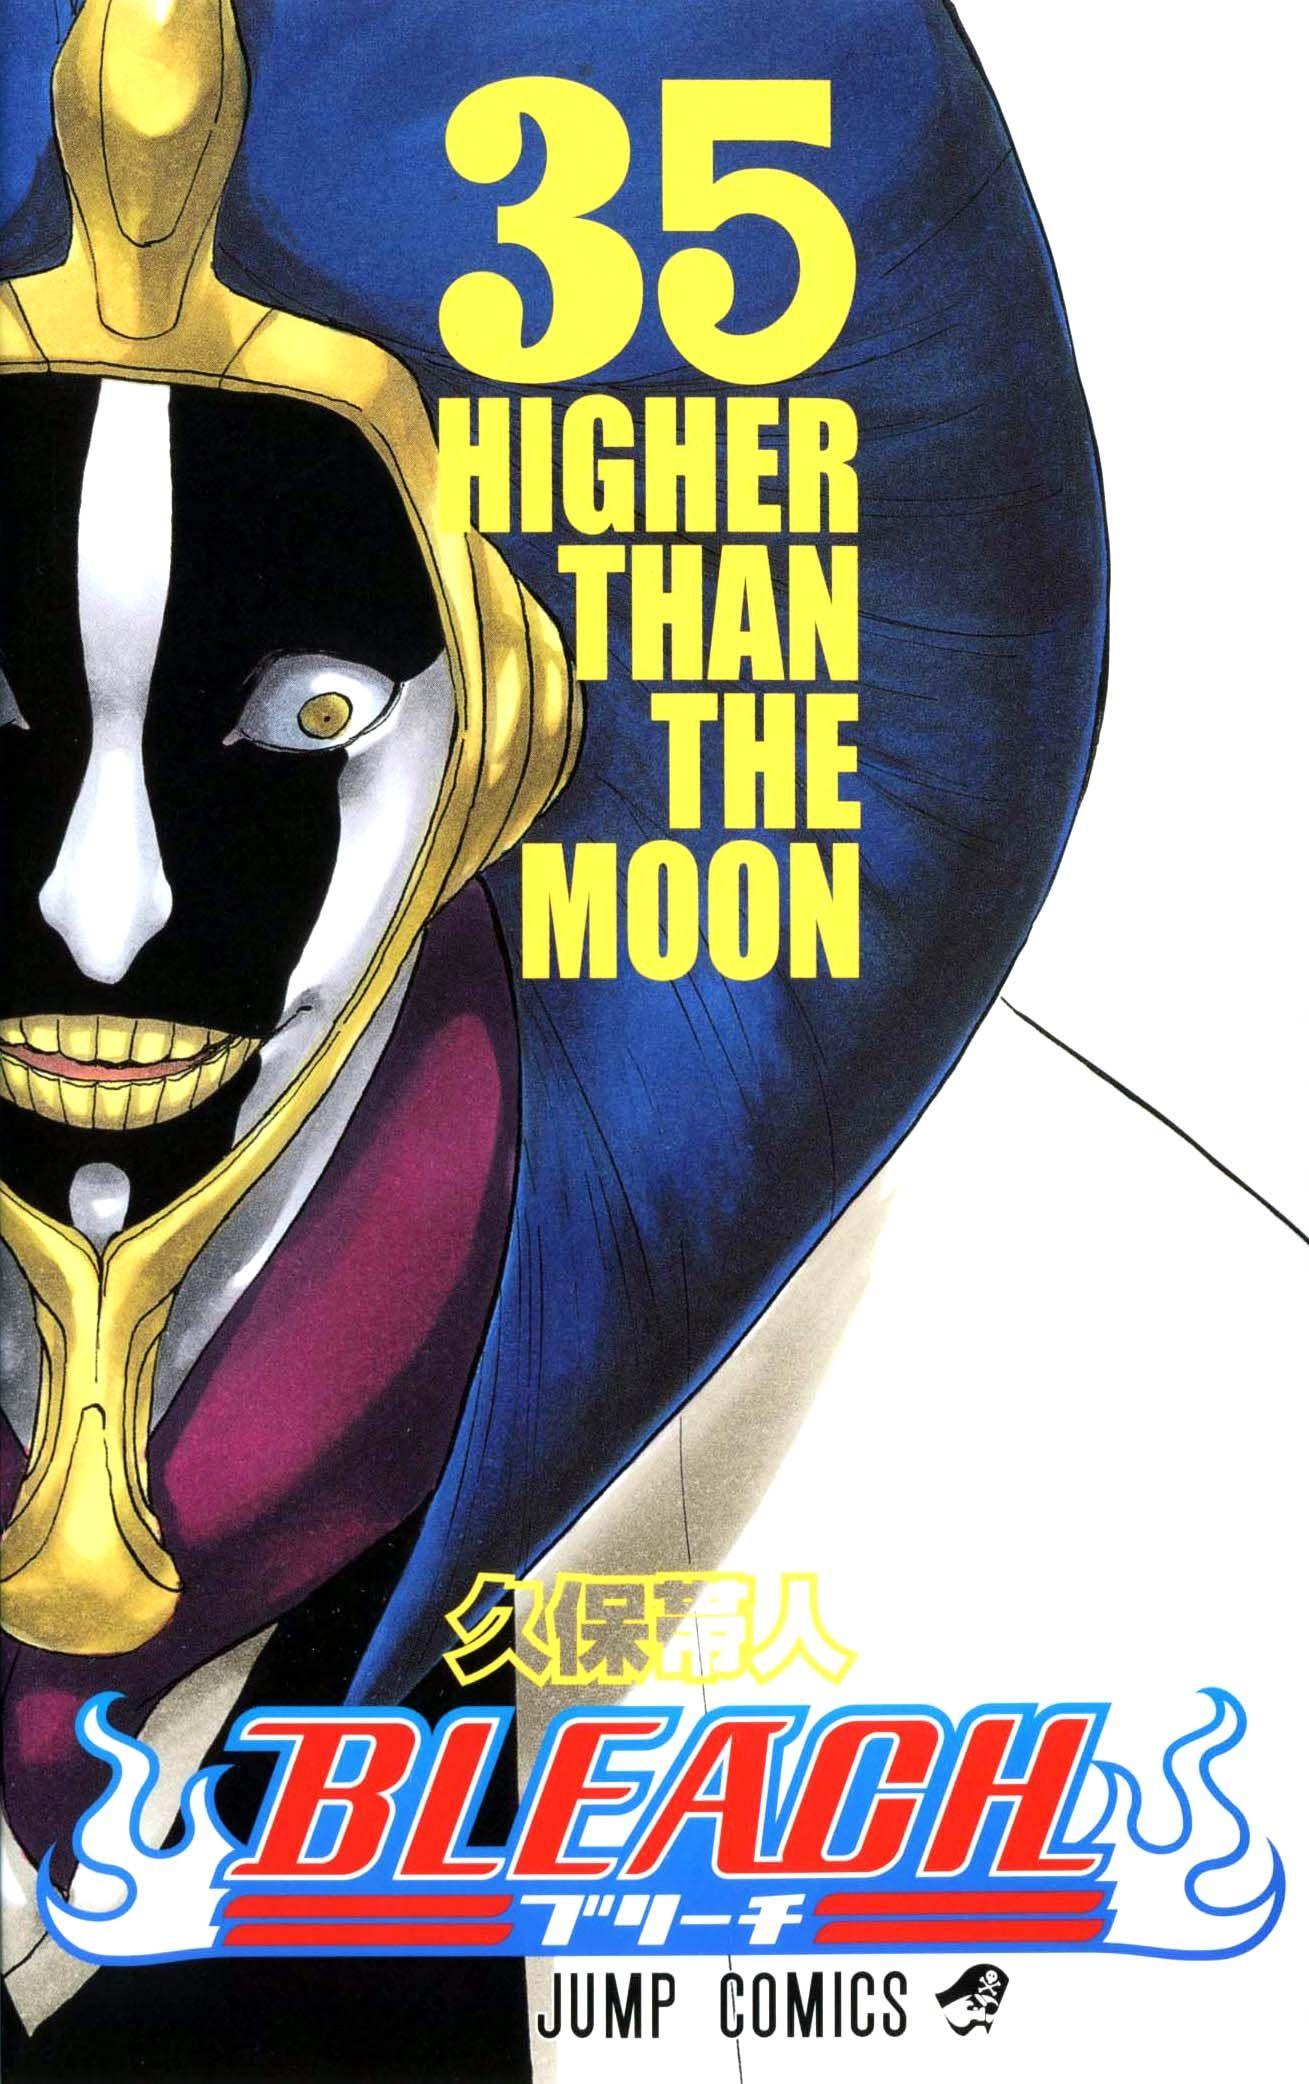 Bleach Manga Vol. 35 - Higher Than the Moon